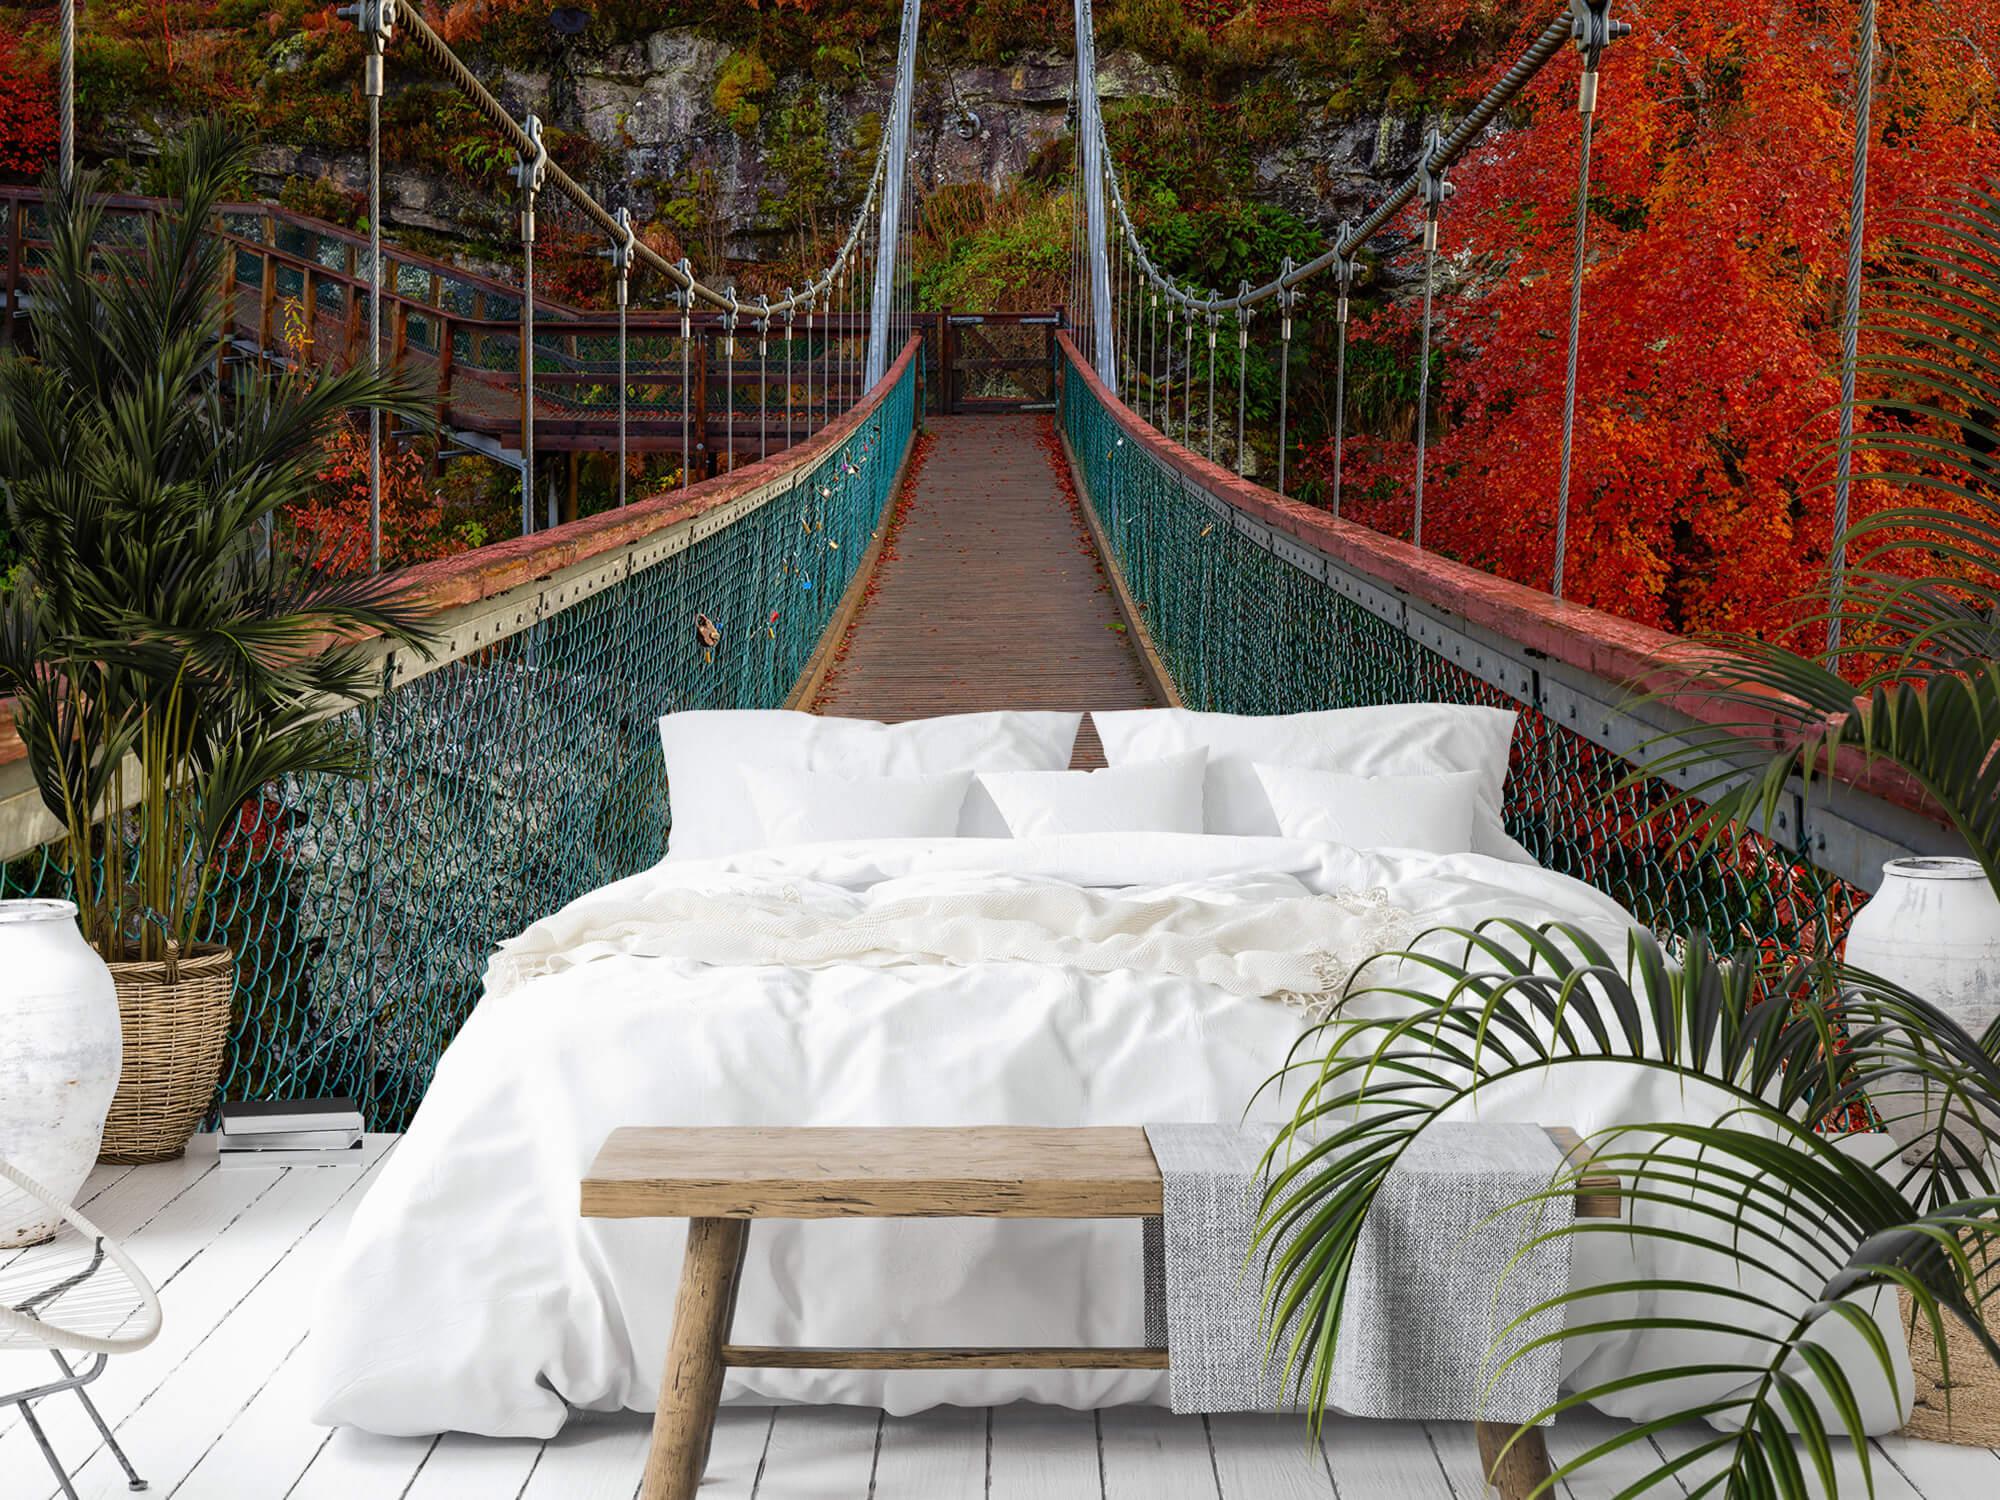 Herfst - Brug in herfstige omgeving - Slaapkamer 6